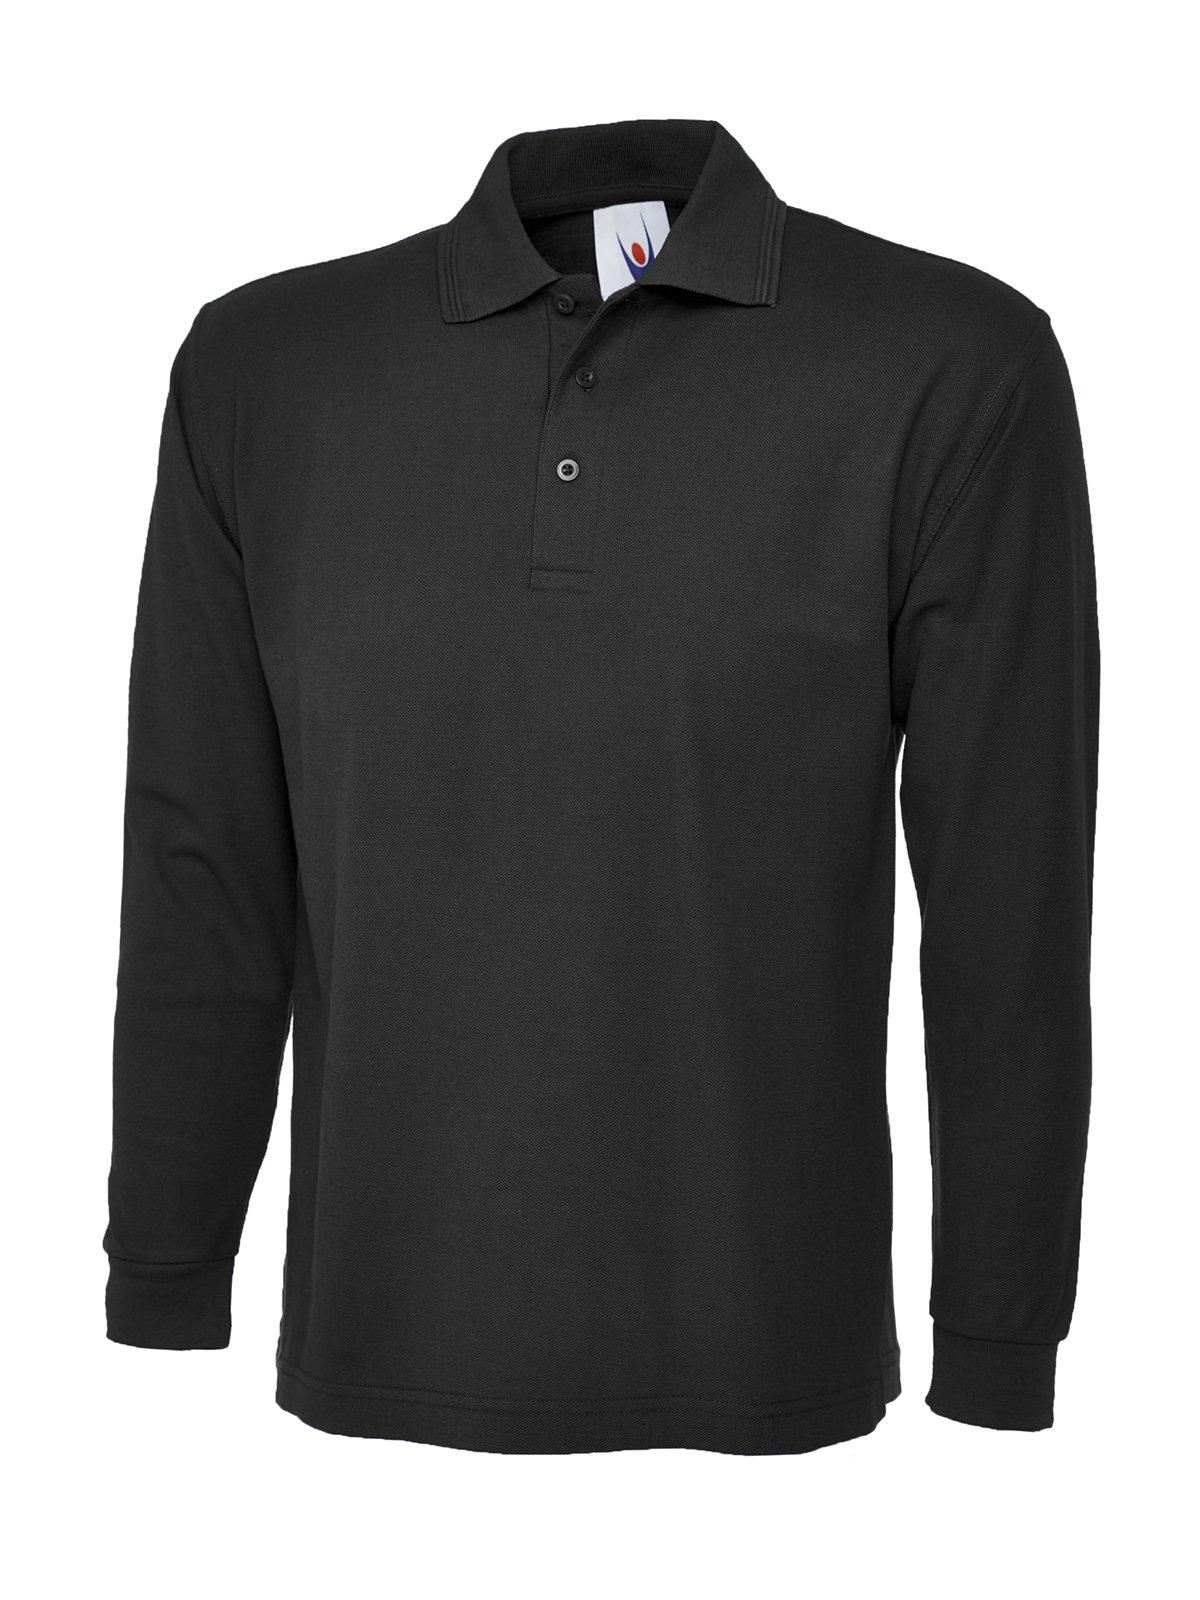 146680717b9 Manga Larga Camisa Polo Simple Ocio Casual Ropa De Trabajo Reforzado Cuello  UC113 product image